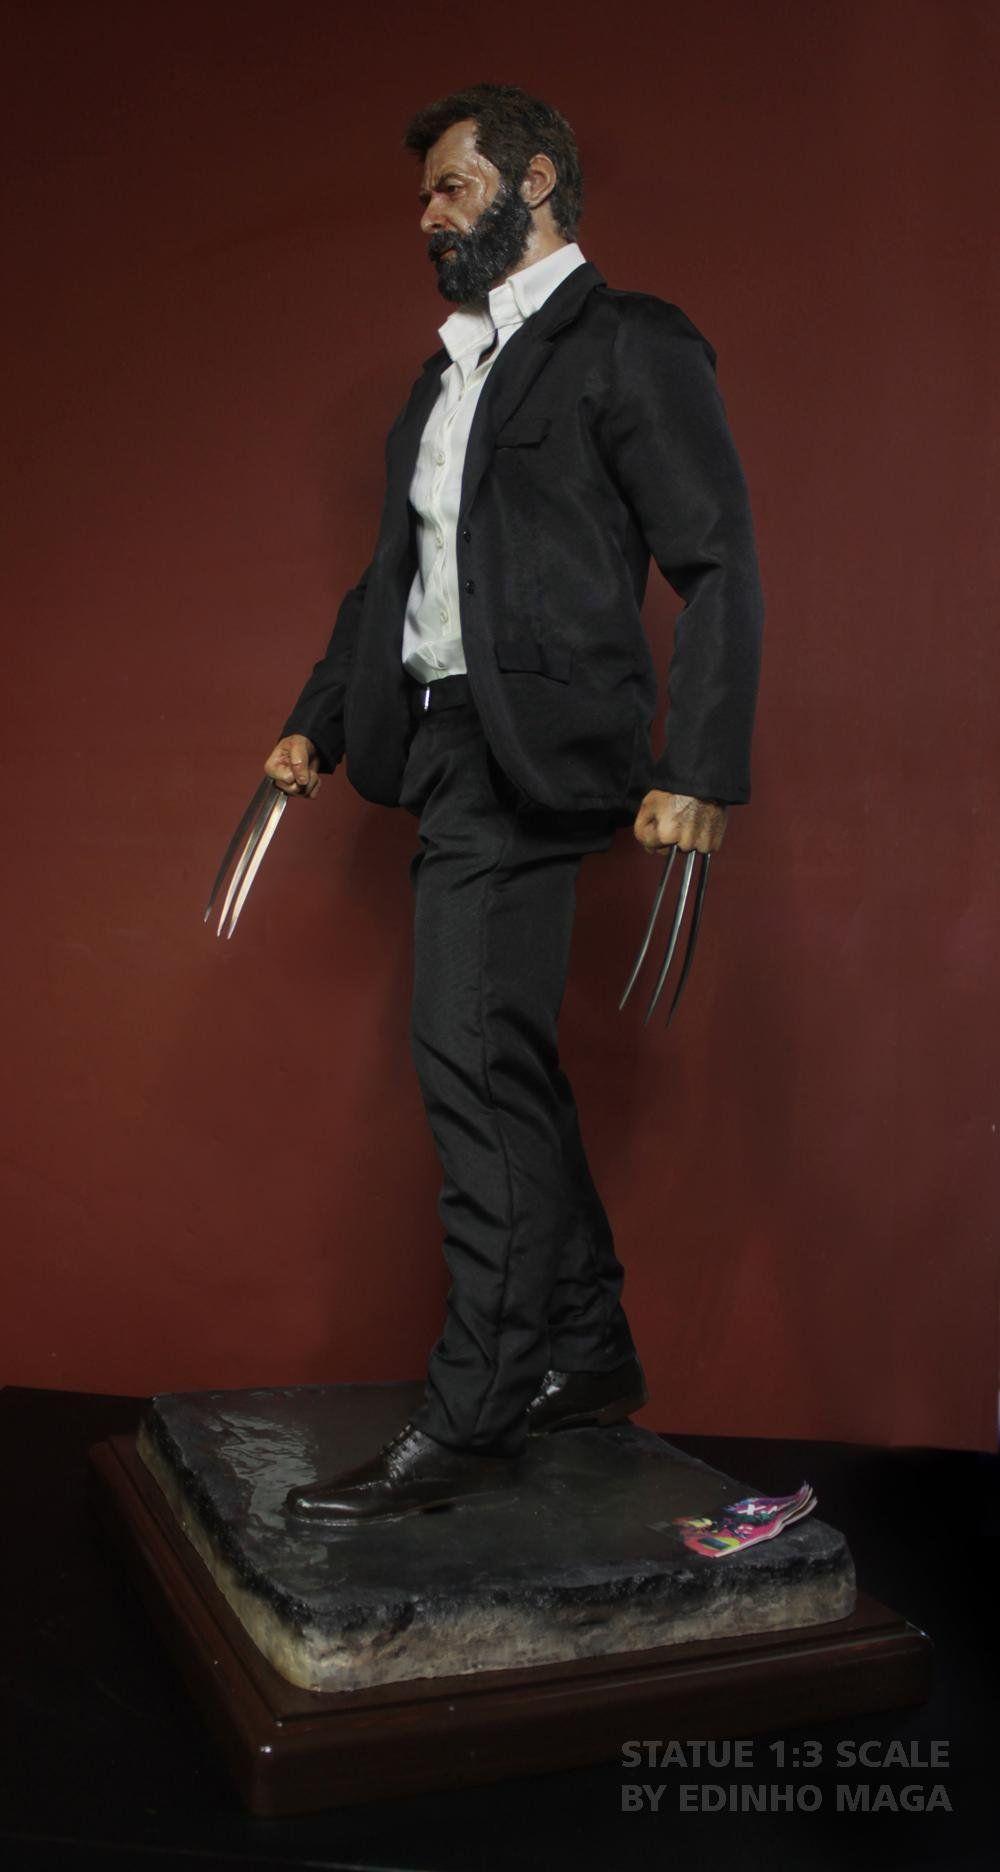 Estátua Logan (Wolverine): Escala 1/3 - By Edinho Maga